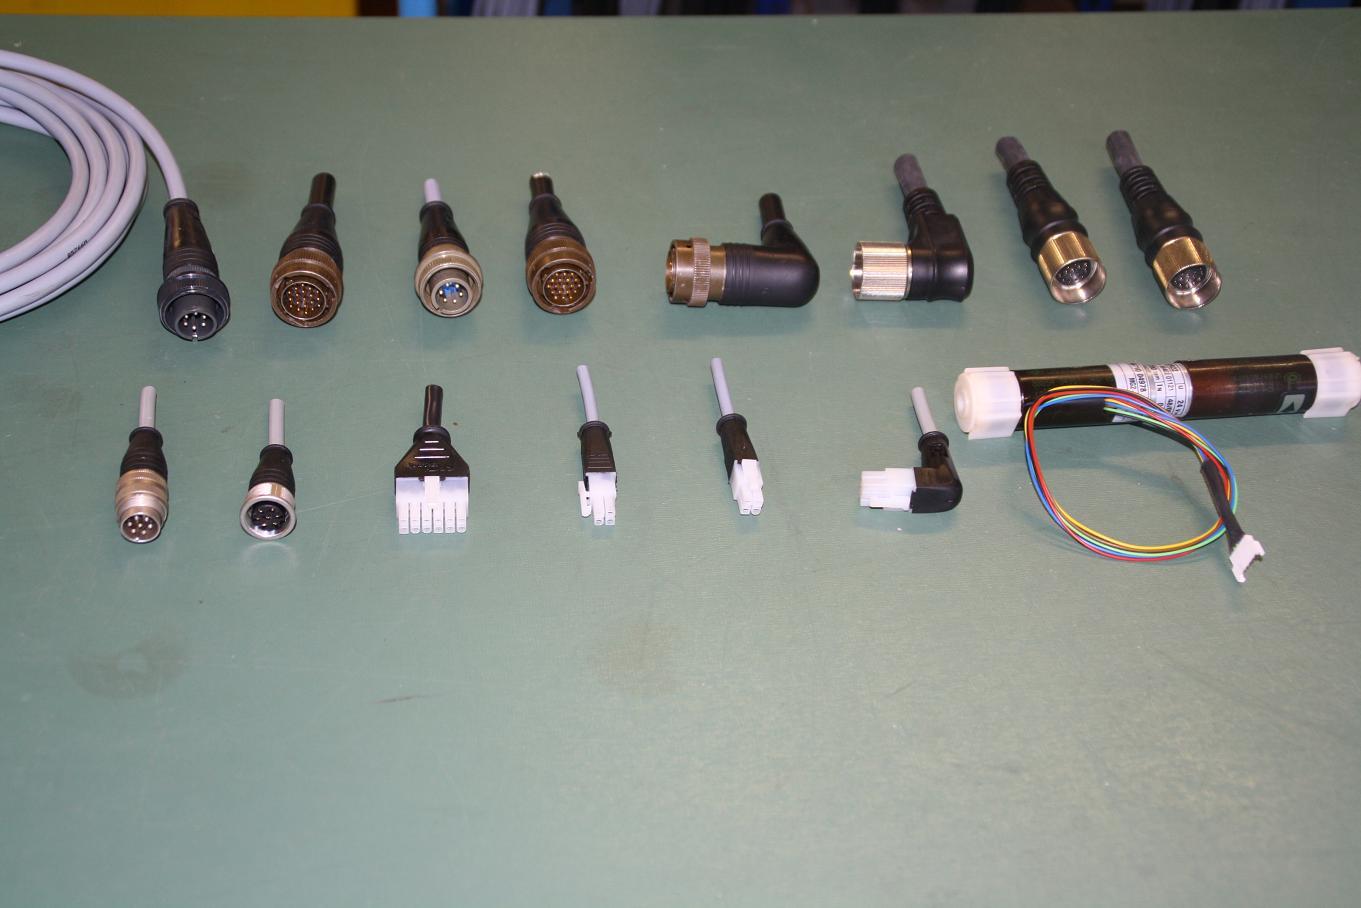 Technologie] SeNaG Kabeldesign GmbH - Kabelkonfektion ...